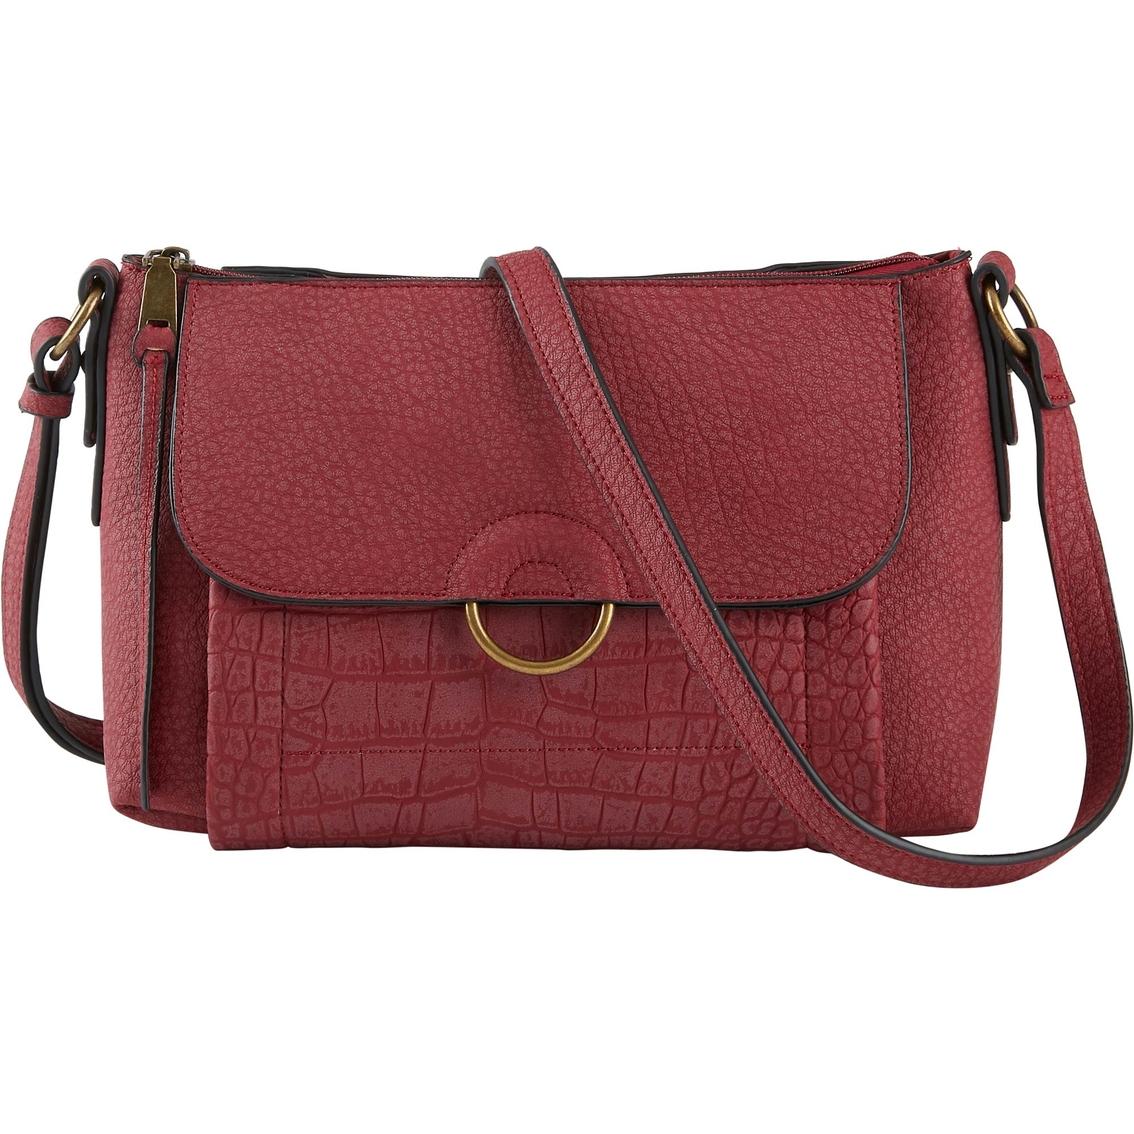 Bueno Of California Vintage Grain Croco Flap Crossbody Handbag ... 14856445c5